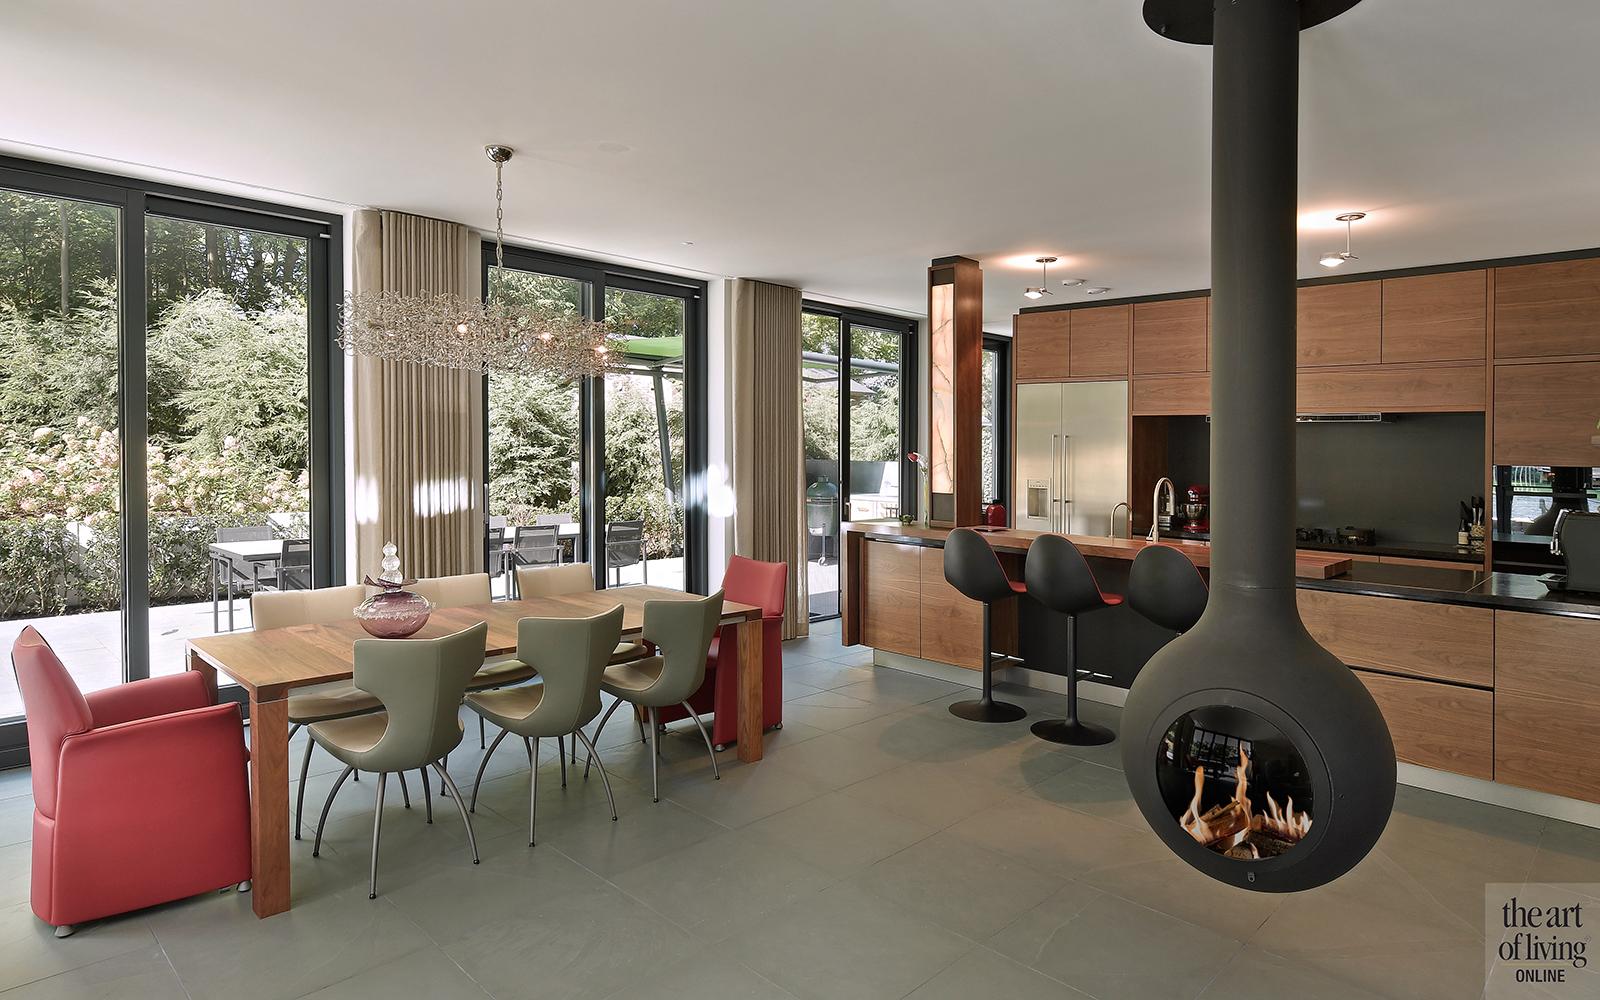 Nieuwbouw villa, Strategie Architecten, Eetkamer, Keuken, Open haard, Ronde Haard, Maatwerk keuken, Natuursteen, Pitt cooking